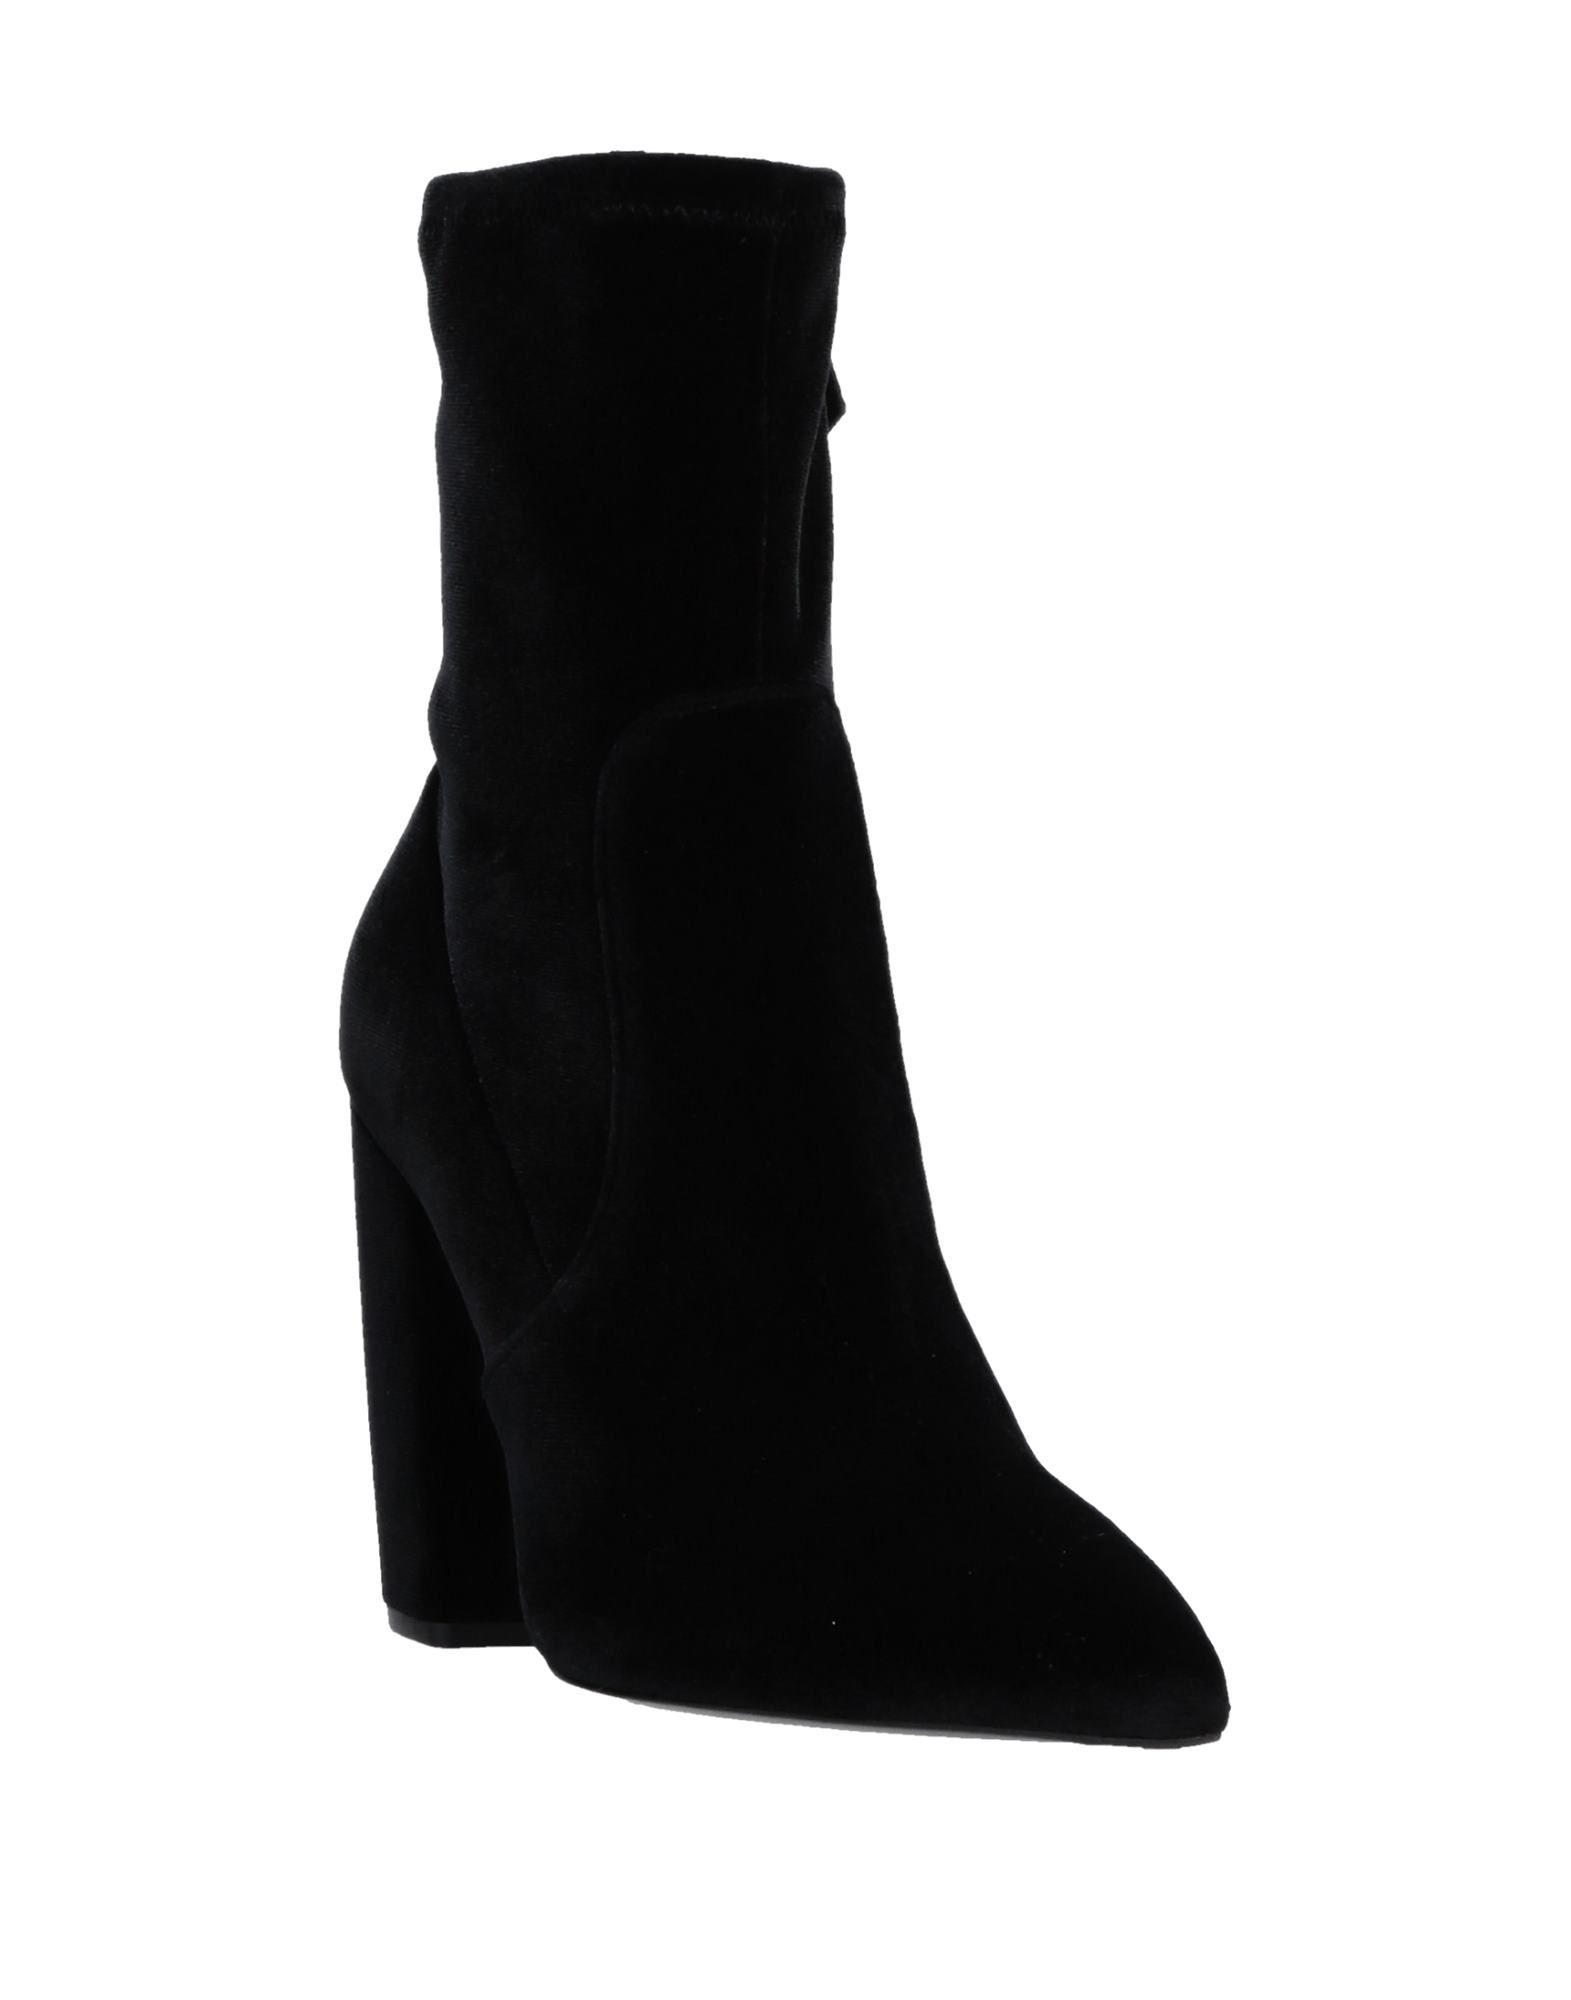 Bottines Noir Prada Femme Chaussures Bottine qFxat6Axw